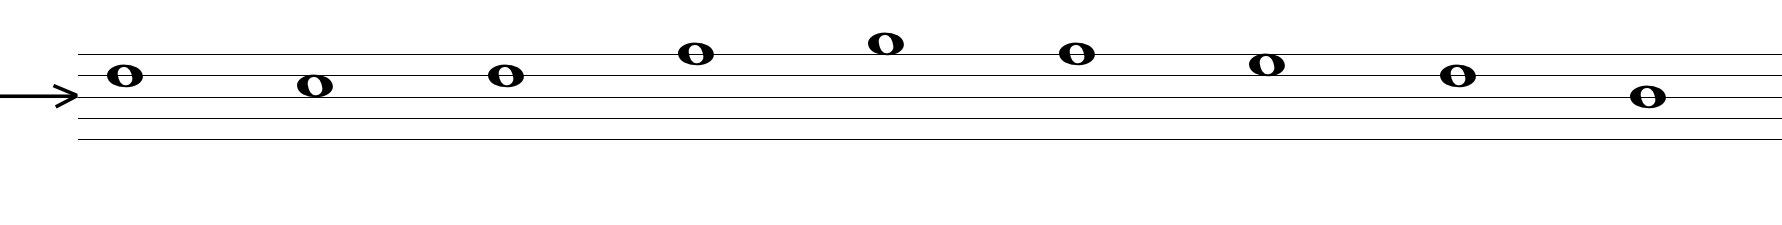 Skyler Scott - Skyler's example 10.jpg